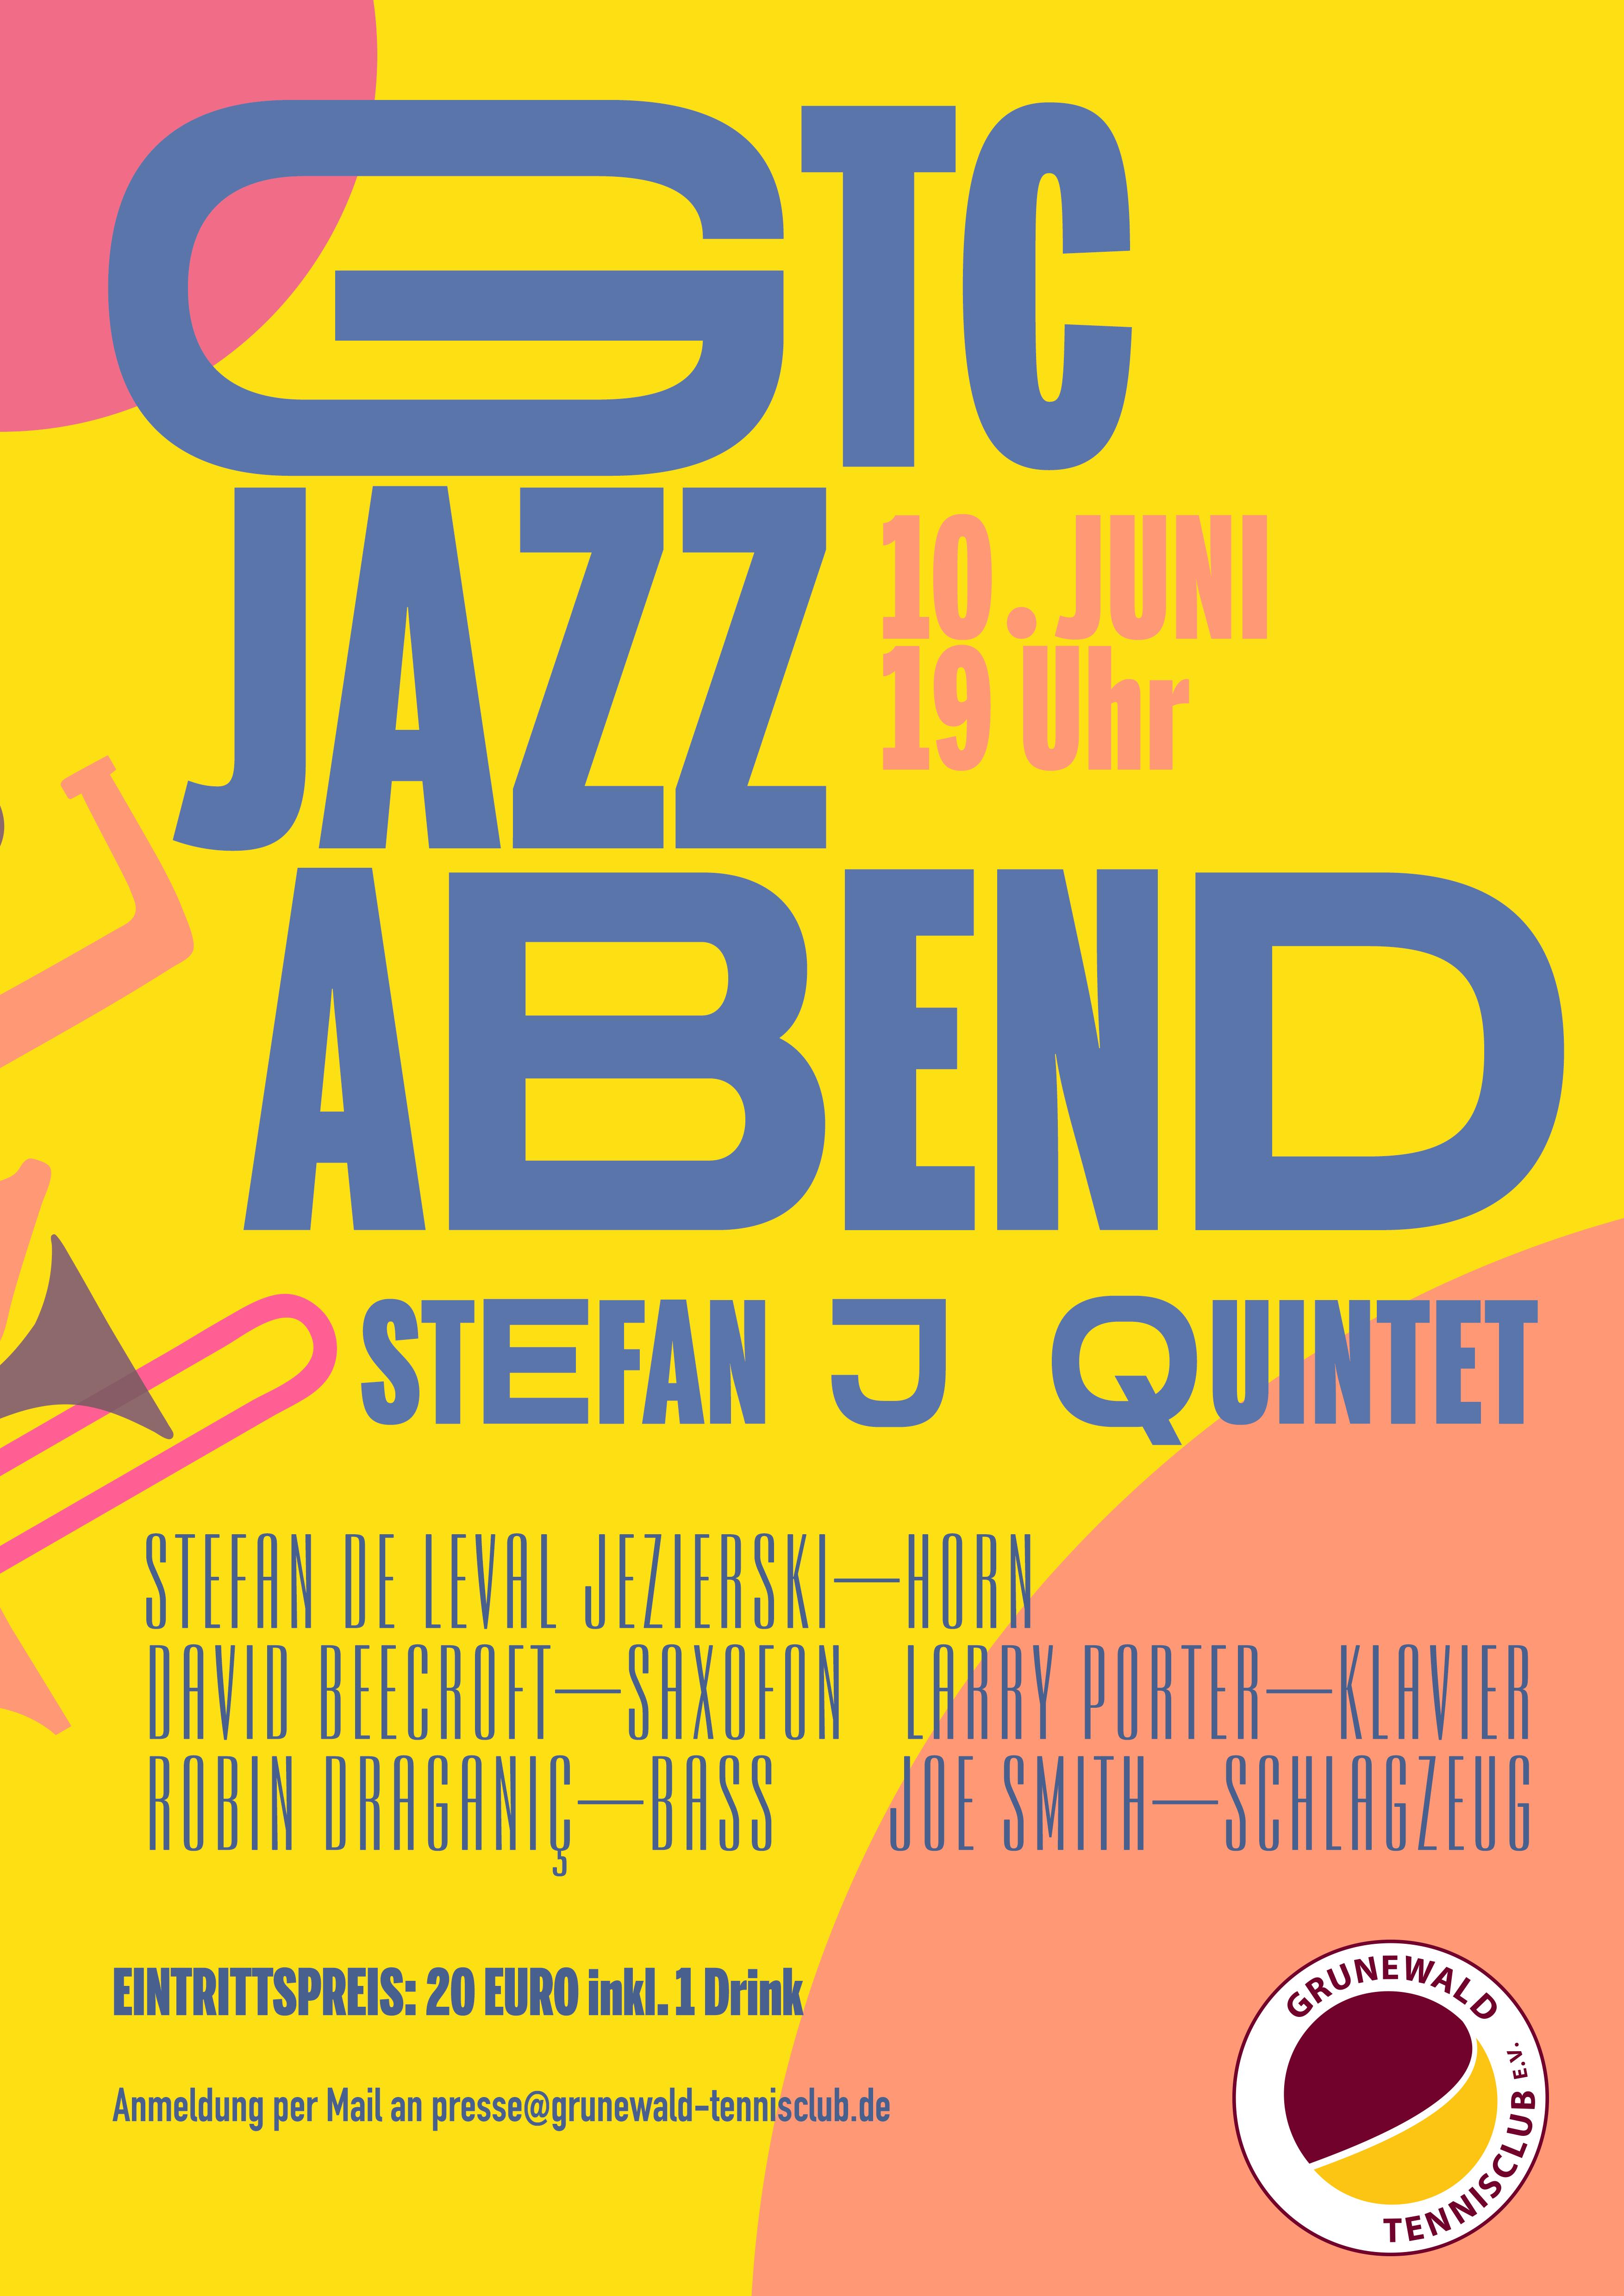 Jazzkonzert - es gibt noch einige Karten